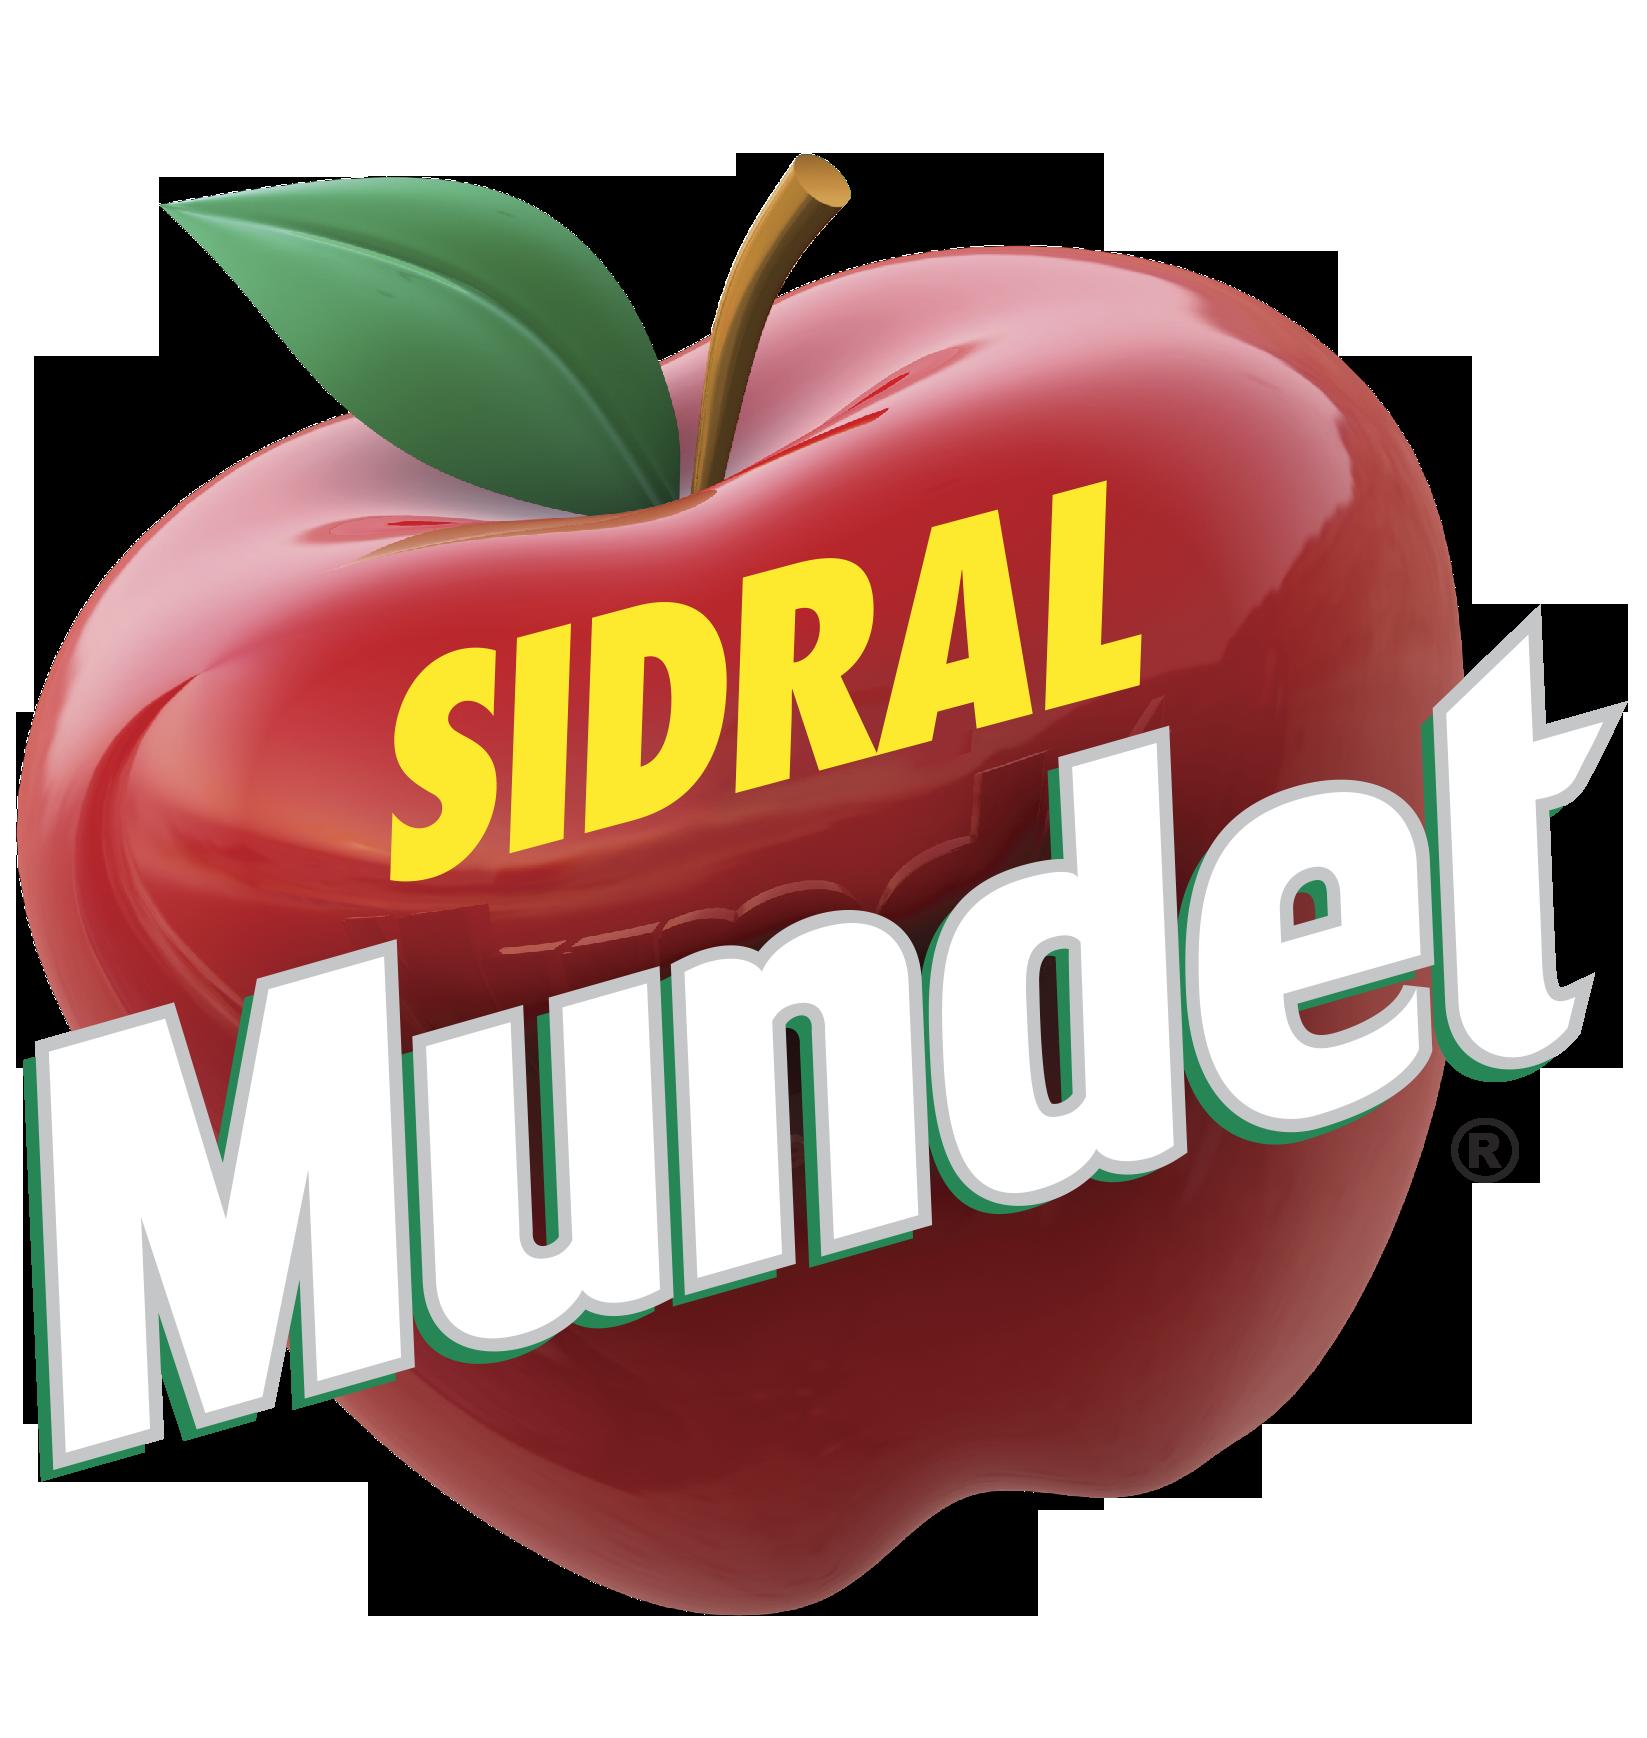 Sidral Mundet Soda